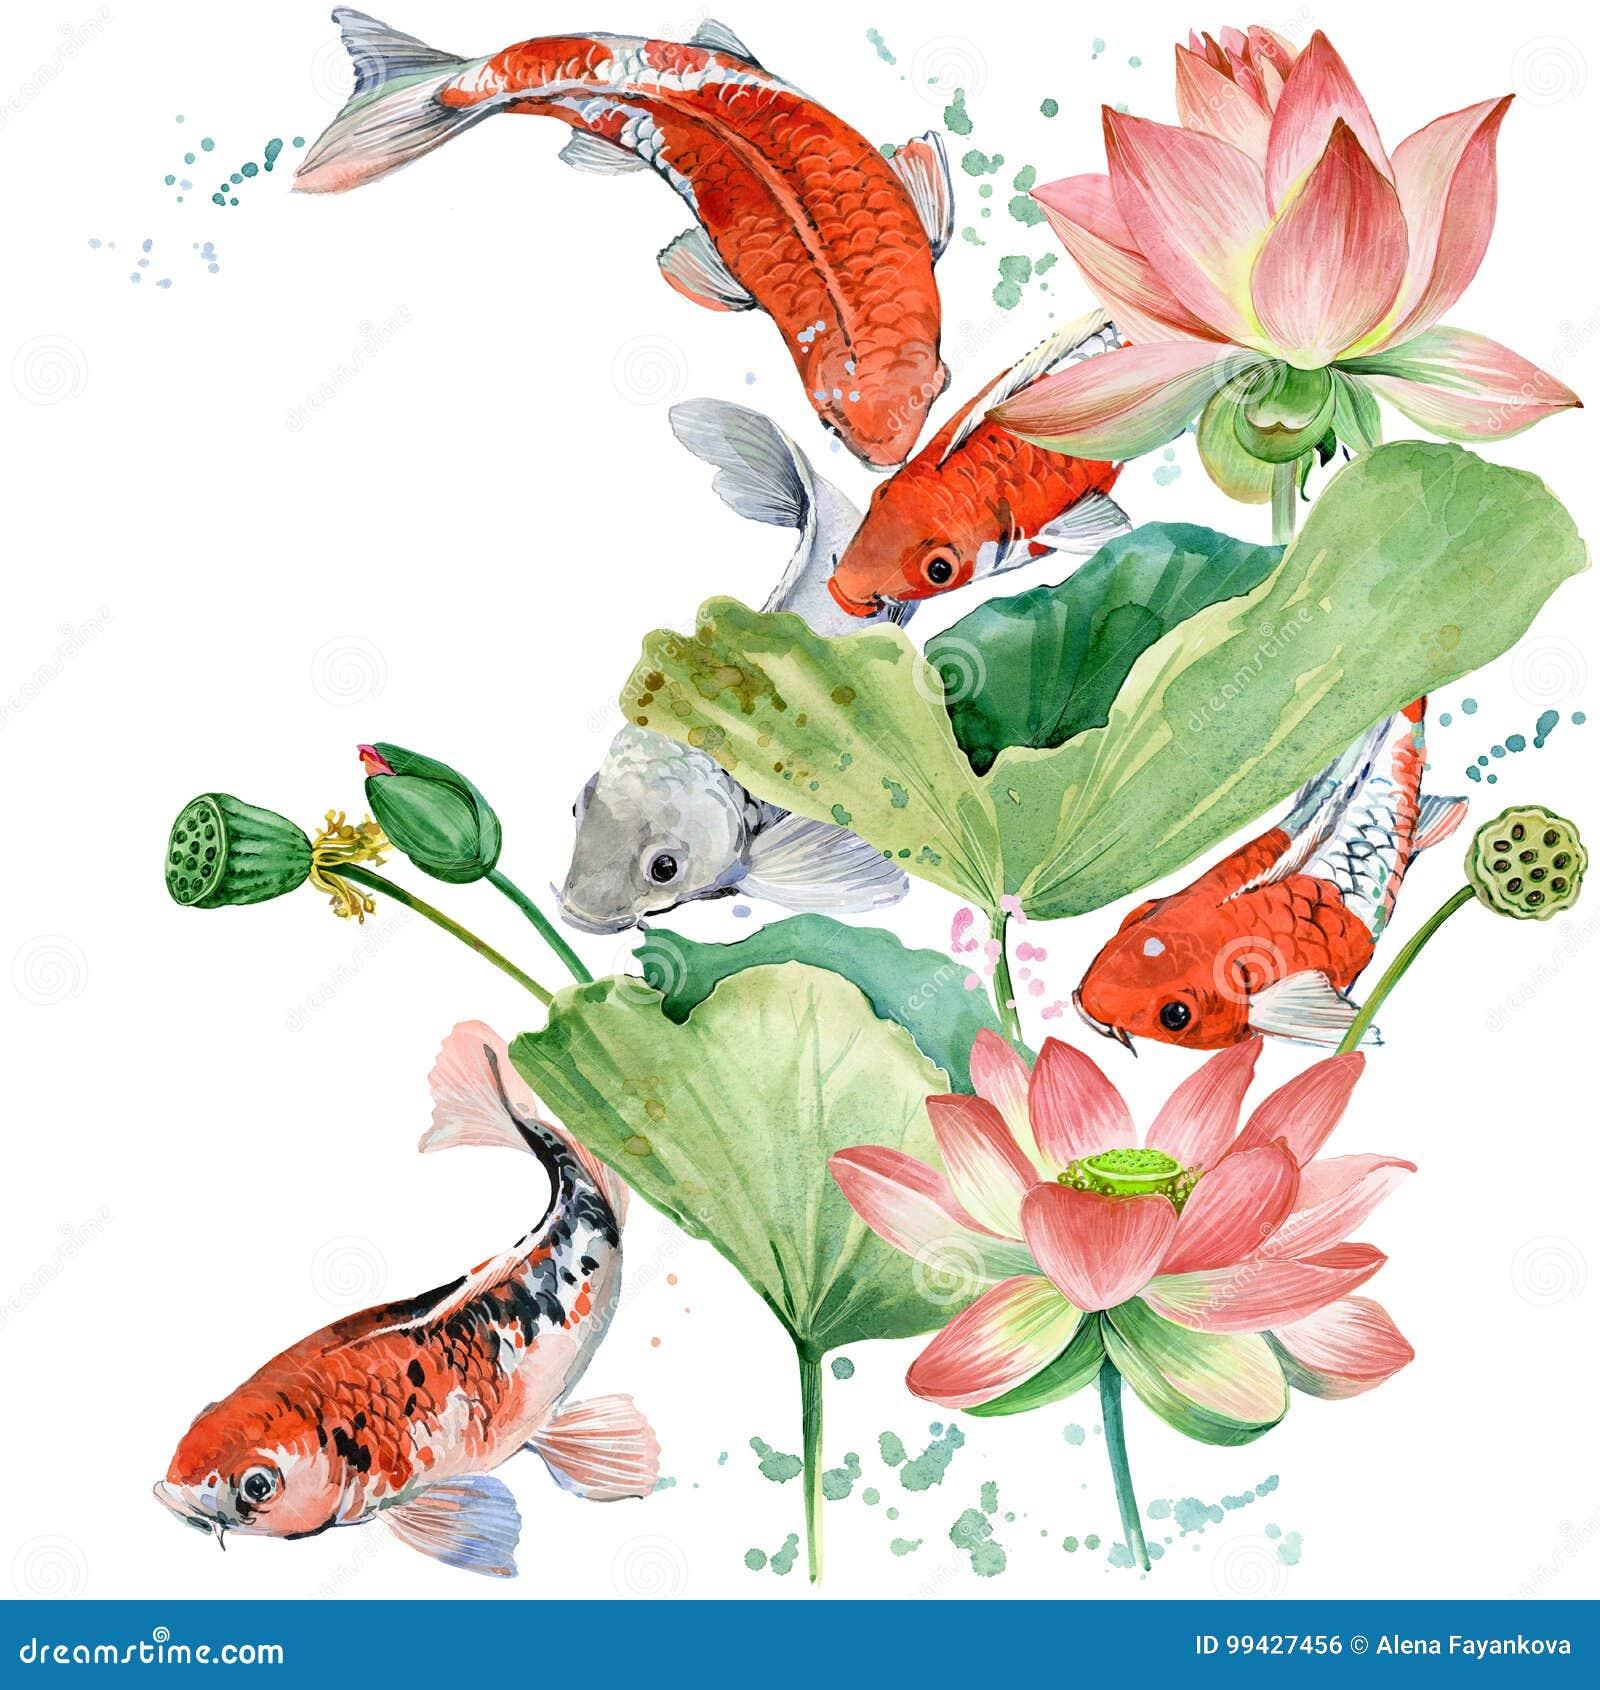 Watercolor Koi Carp And Lotus Flower Watercolor Fish Background